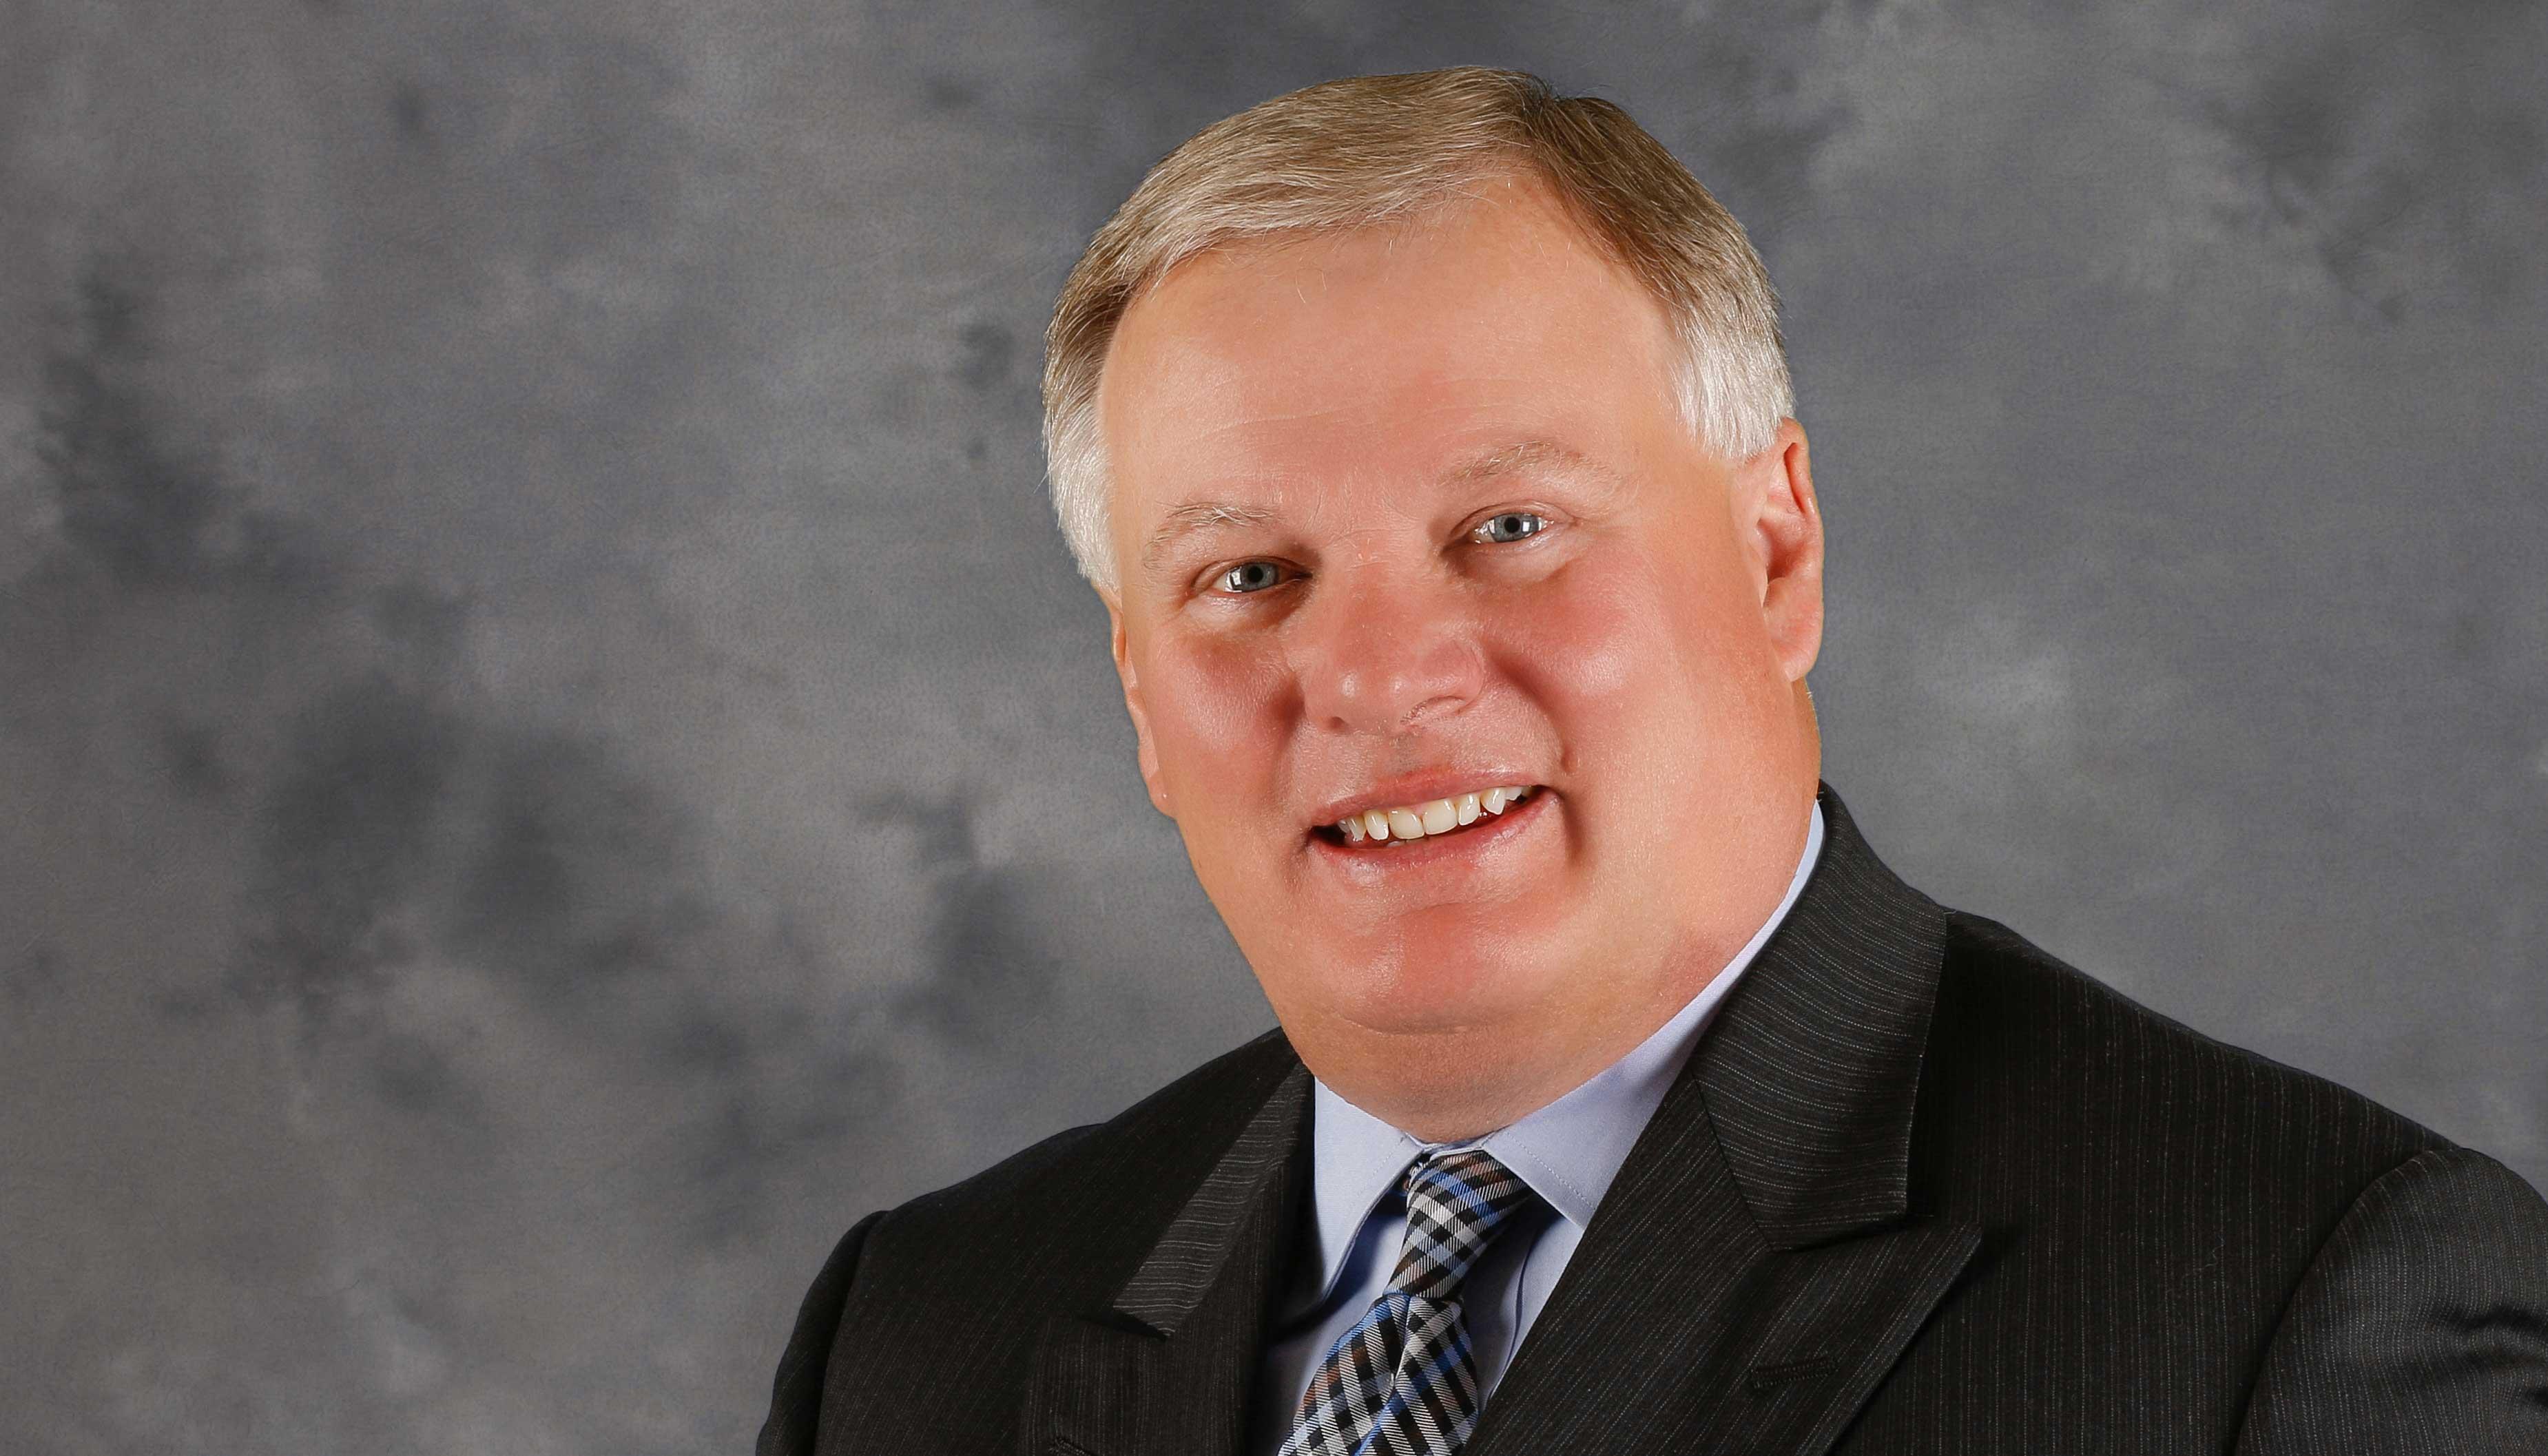 Chancellor Doug Kristensen